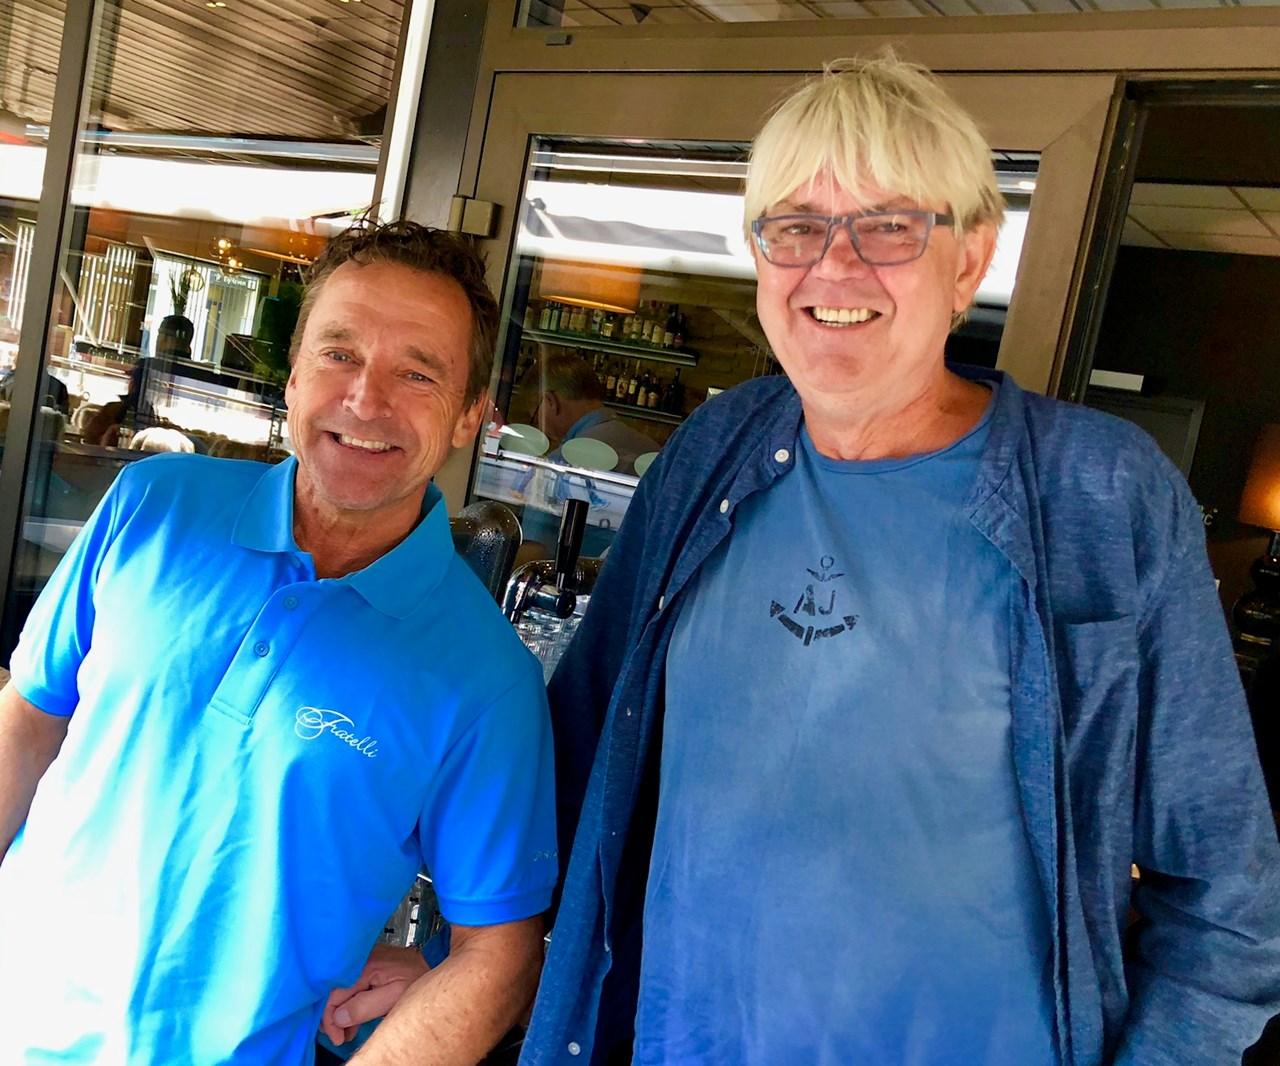 SKAPER NYTTKONSEPT:Per Ivar Hansen og Børre «DJ Project» Tosterud ble på en ferietur i sommer enige om konseptet «F Lounge»på Fratelli, med god musikk for voksne og muligheter for å prate sammen.